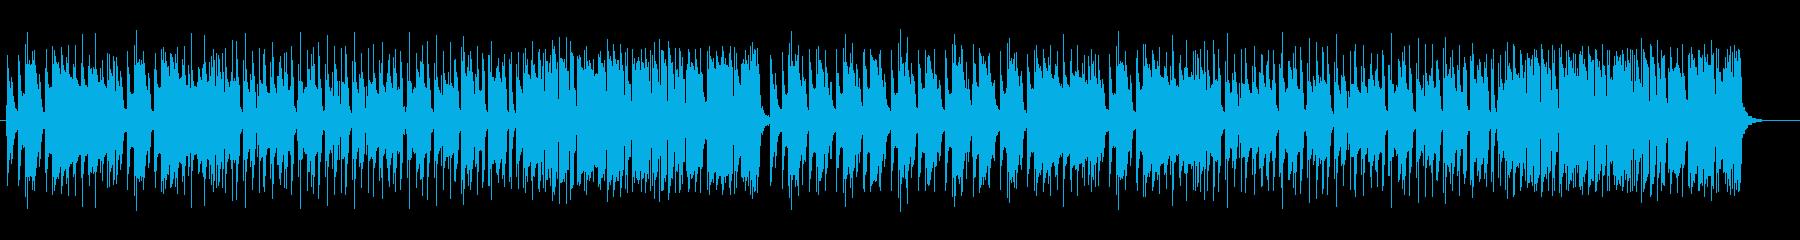 お洒落で現代的なミディアムテンポのジャズの再生済みの波形